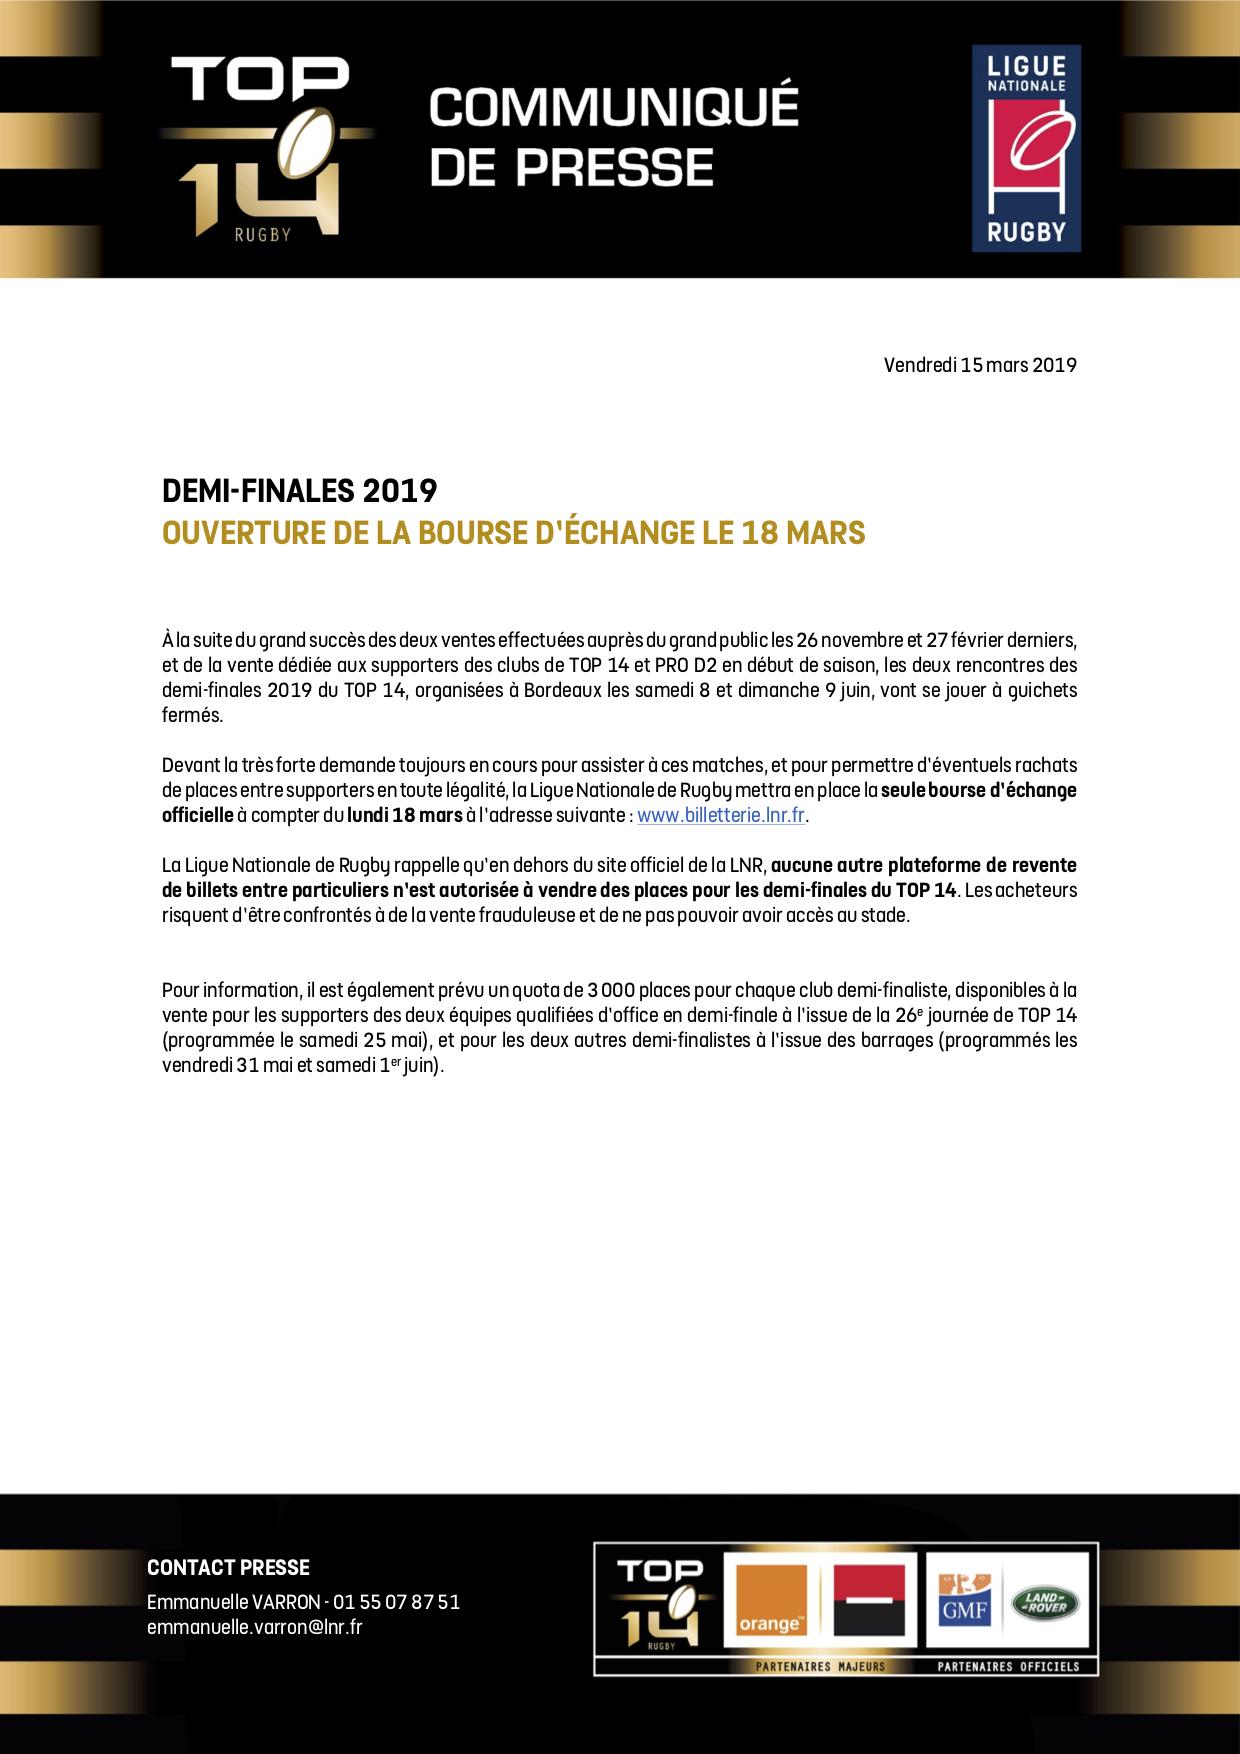 CP LNR - Demi-finales 2019 TOP 14 - Ouver ture de la bourse d'échange le 18 mars